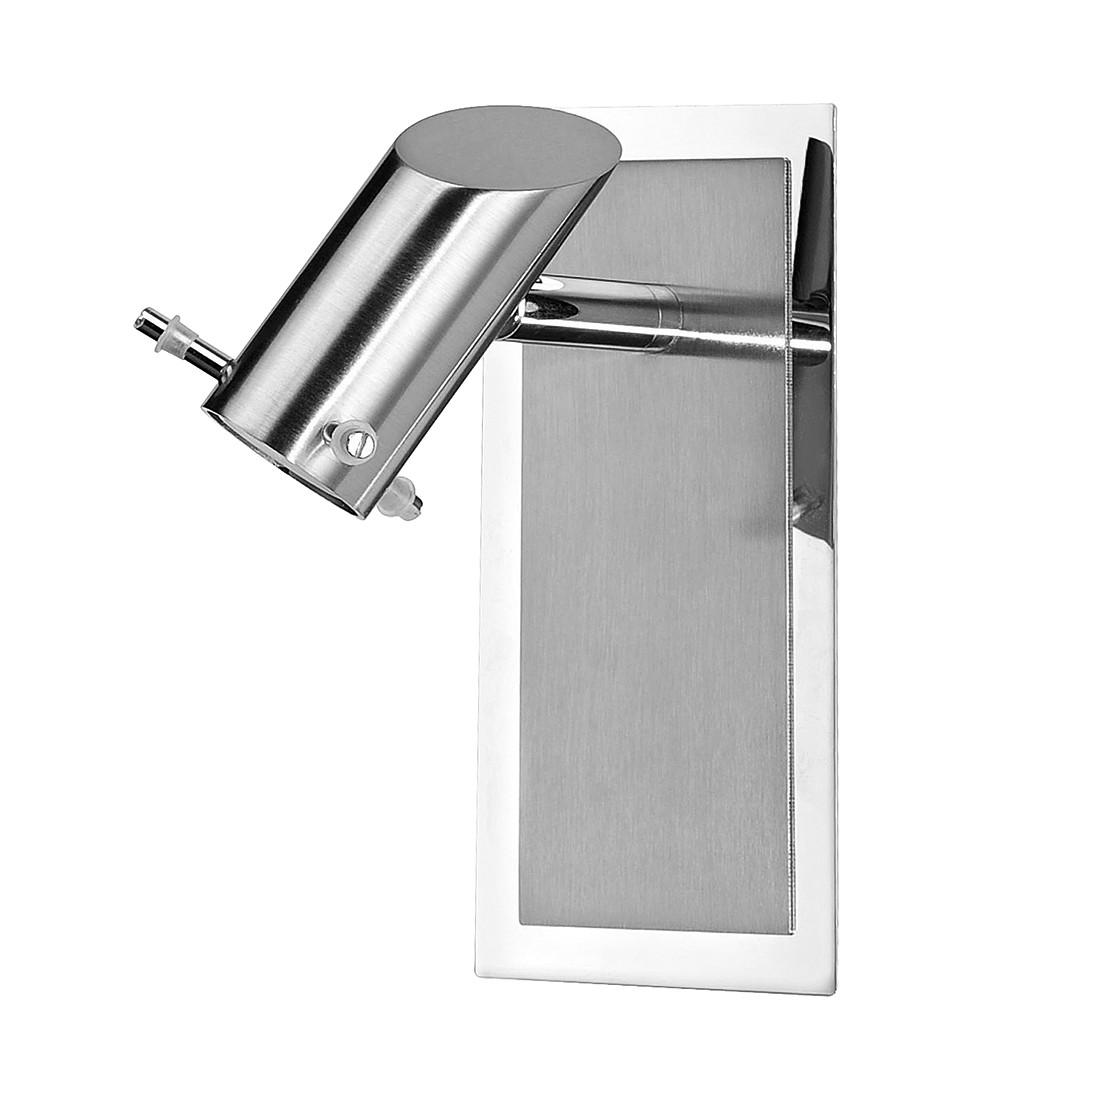 lampada bagno faretto luce led bordo specchio prezzi sconti. Black Bedroom Furniture Sets. Home Design Ideas